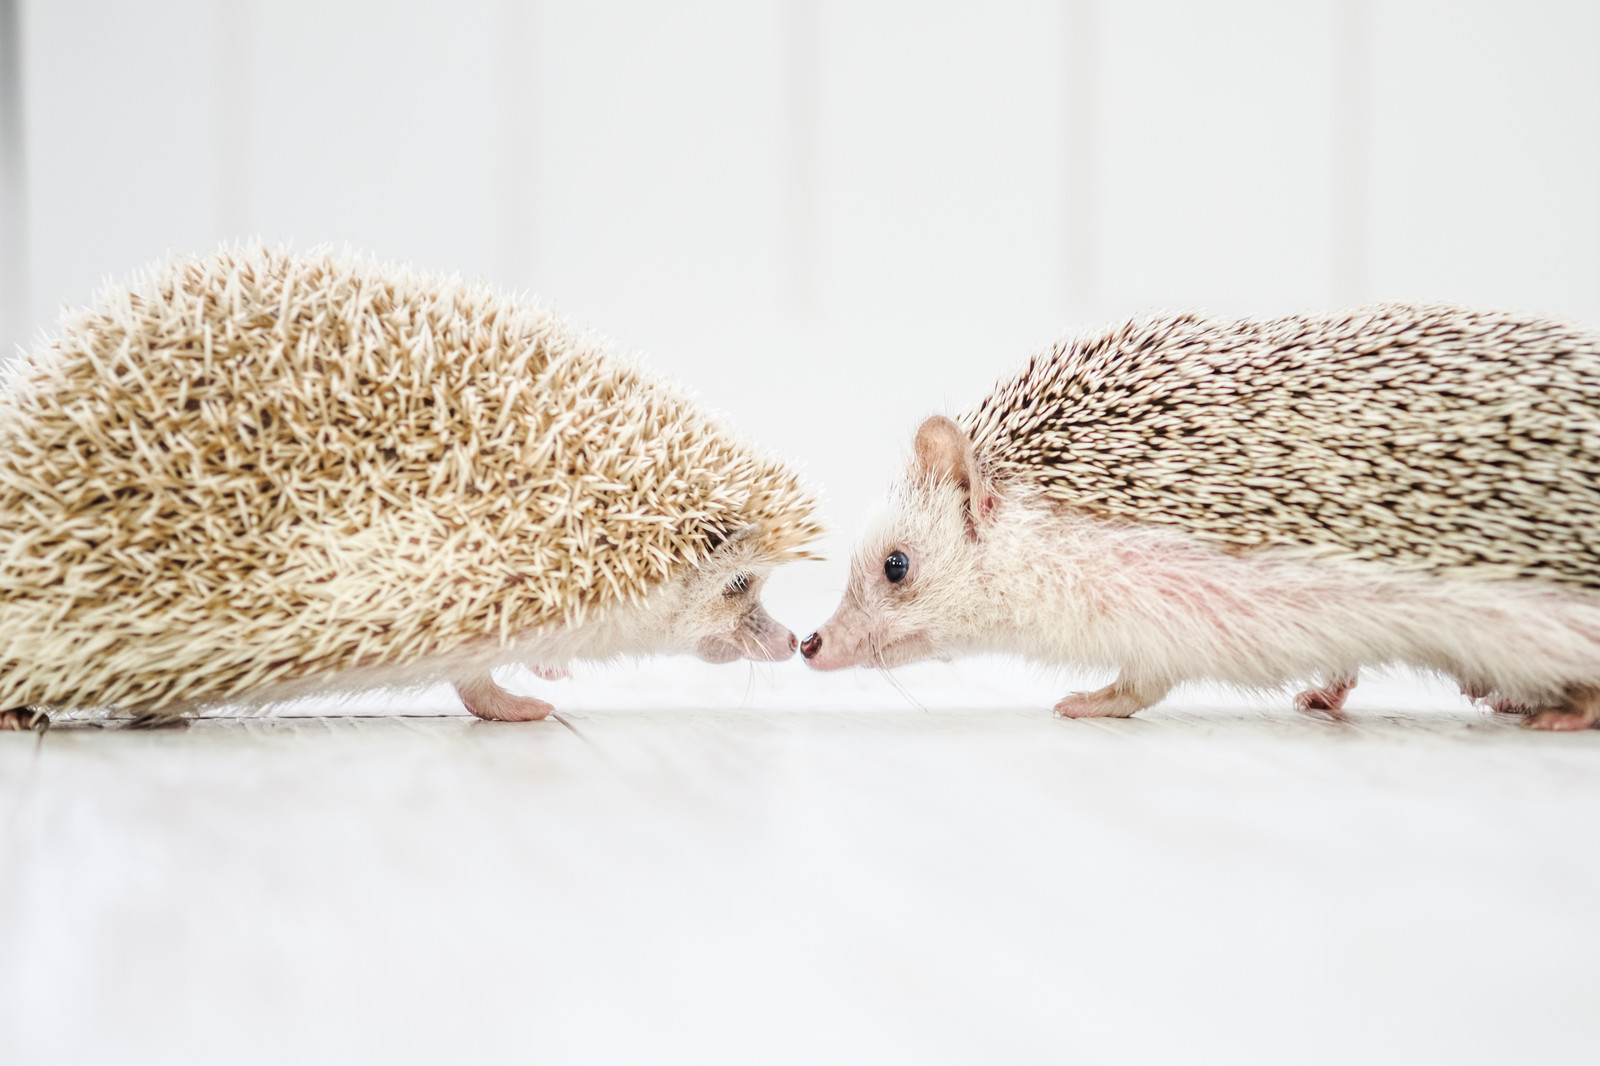 「キスするハリネズミのカップル」の写真